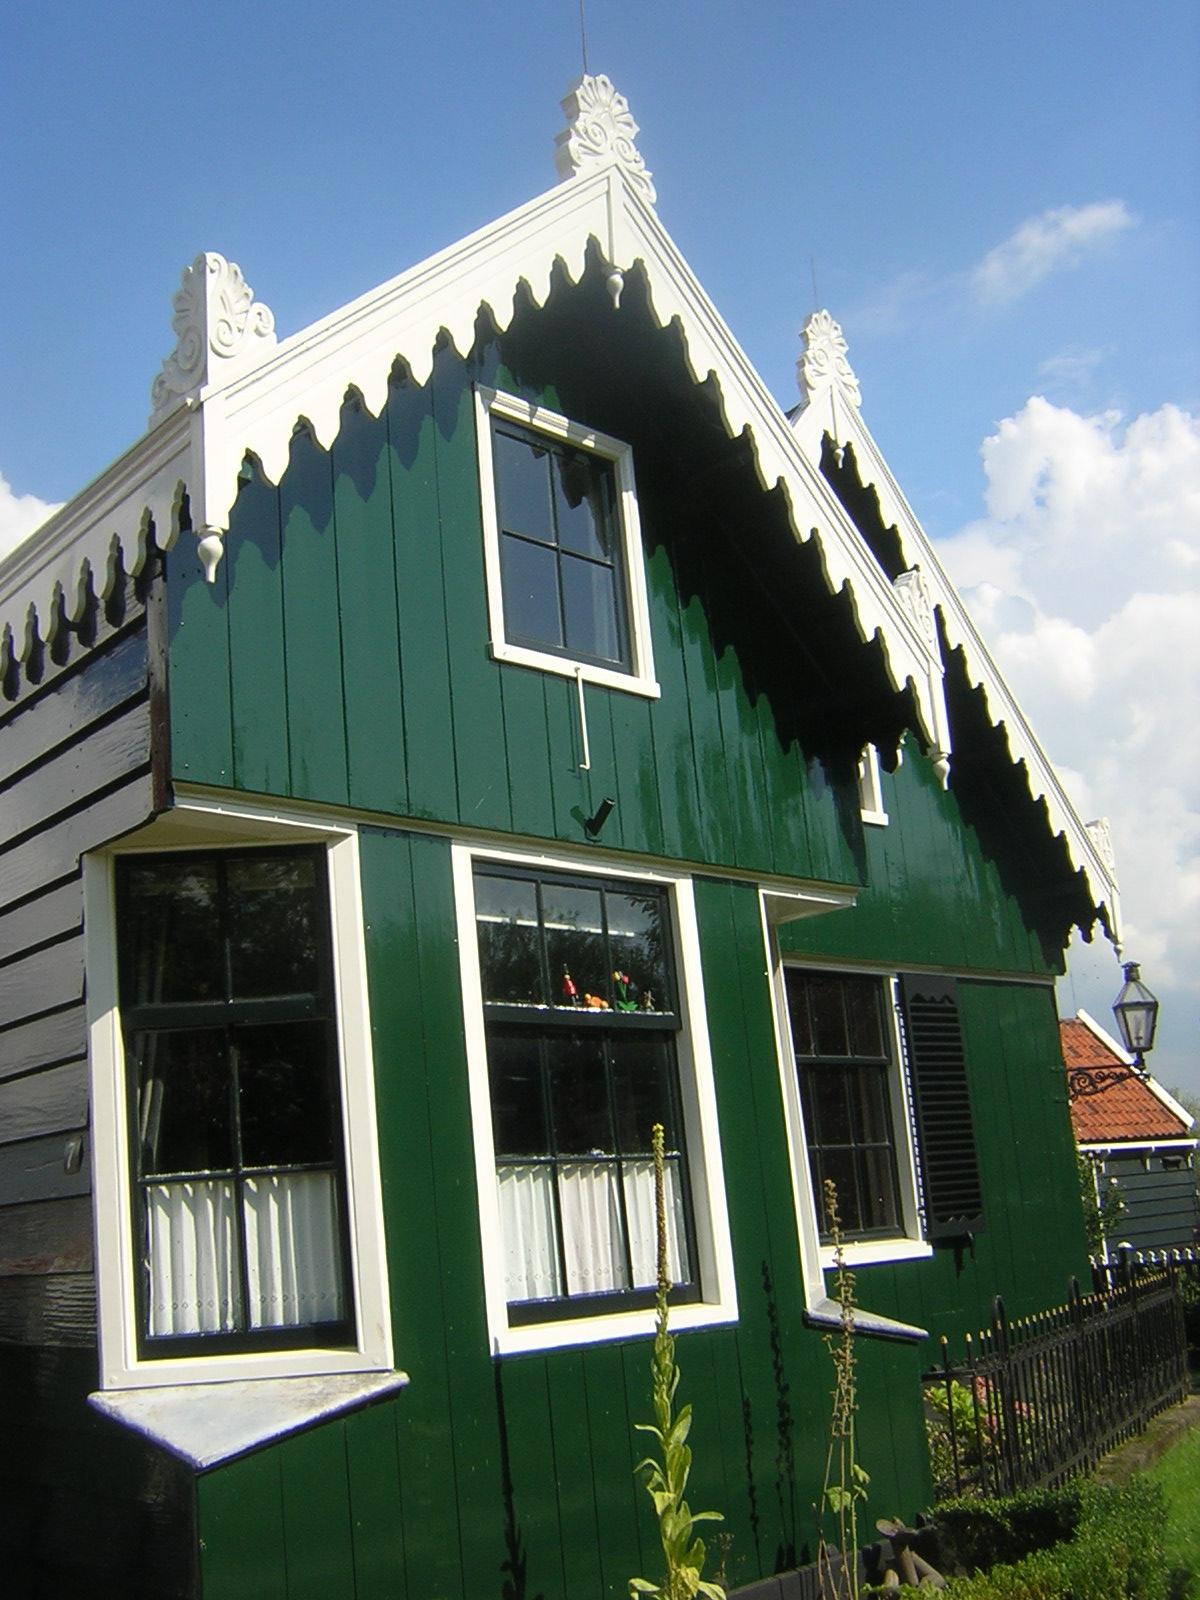 Zaanse Shans - Holanda